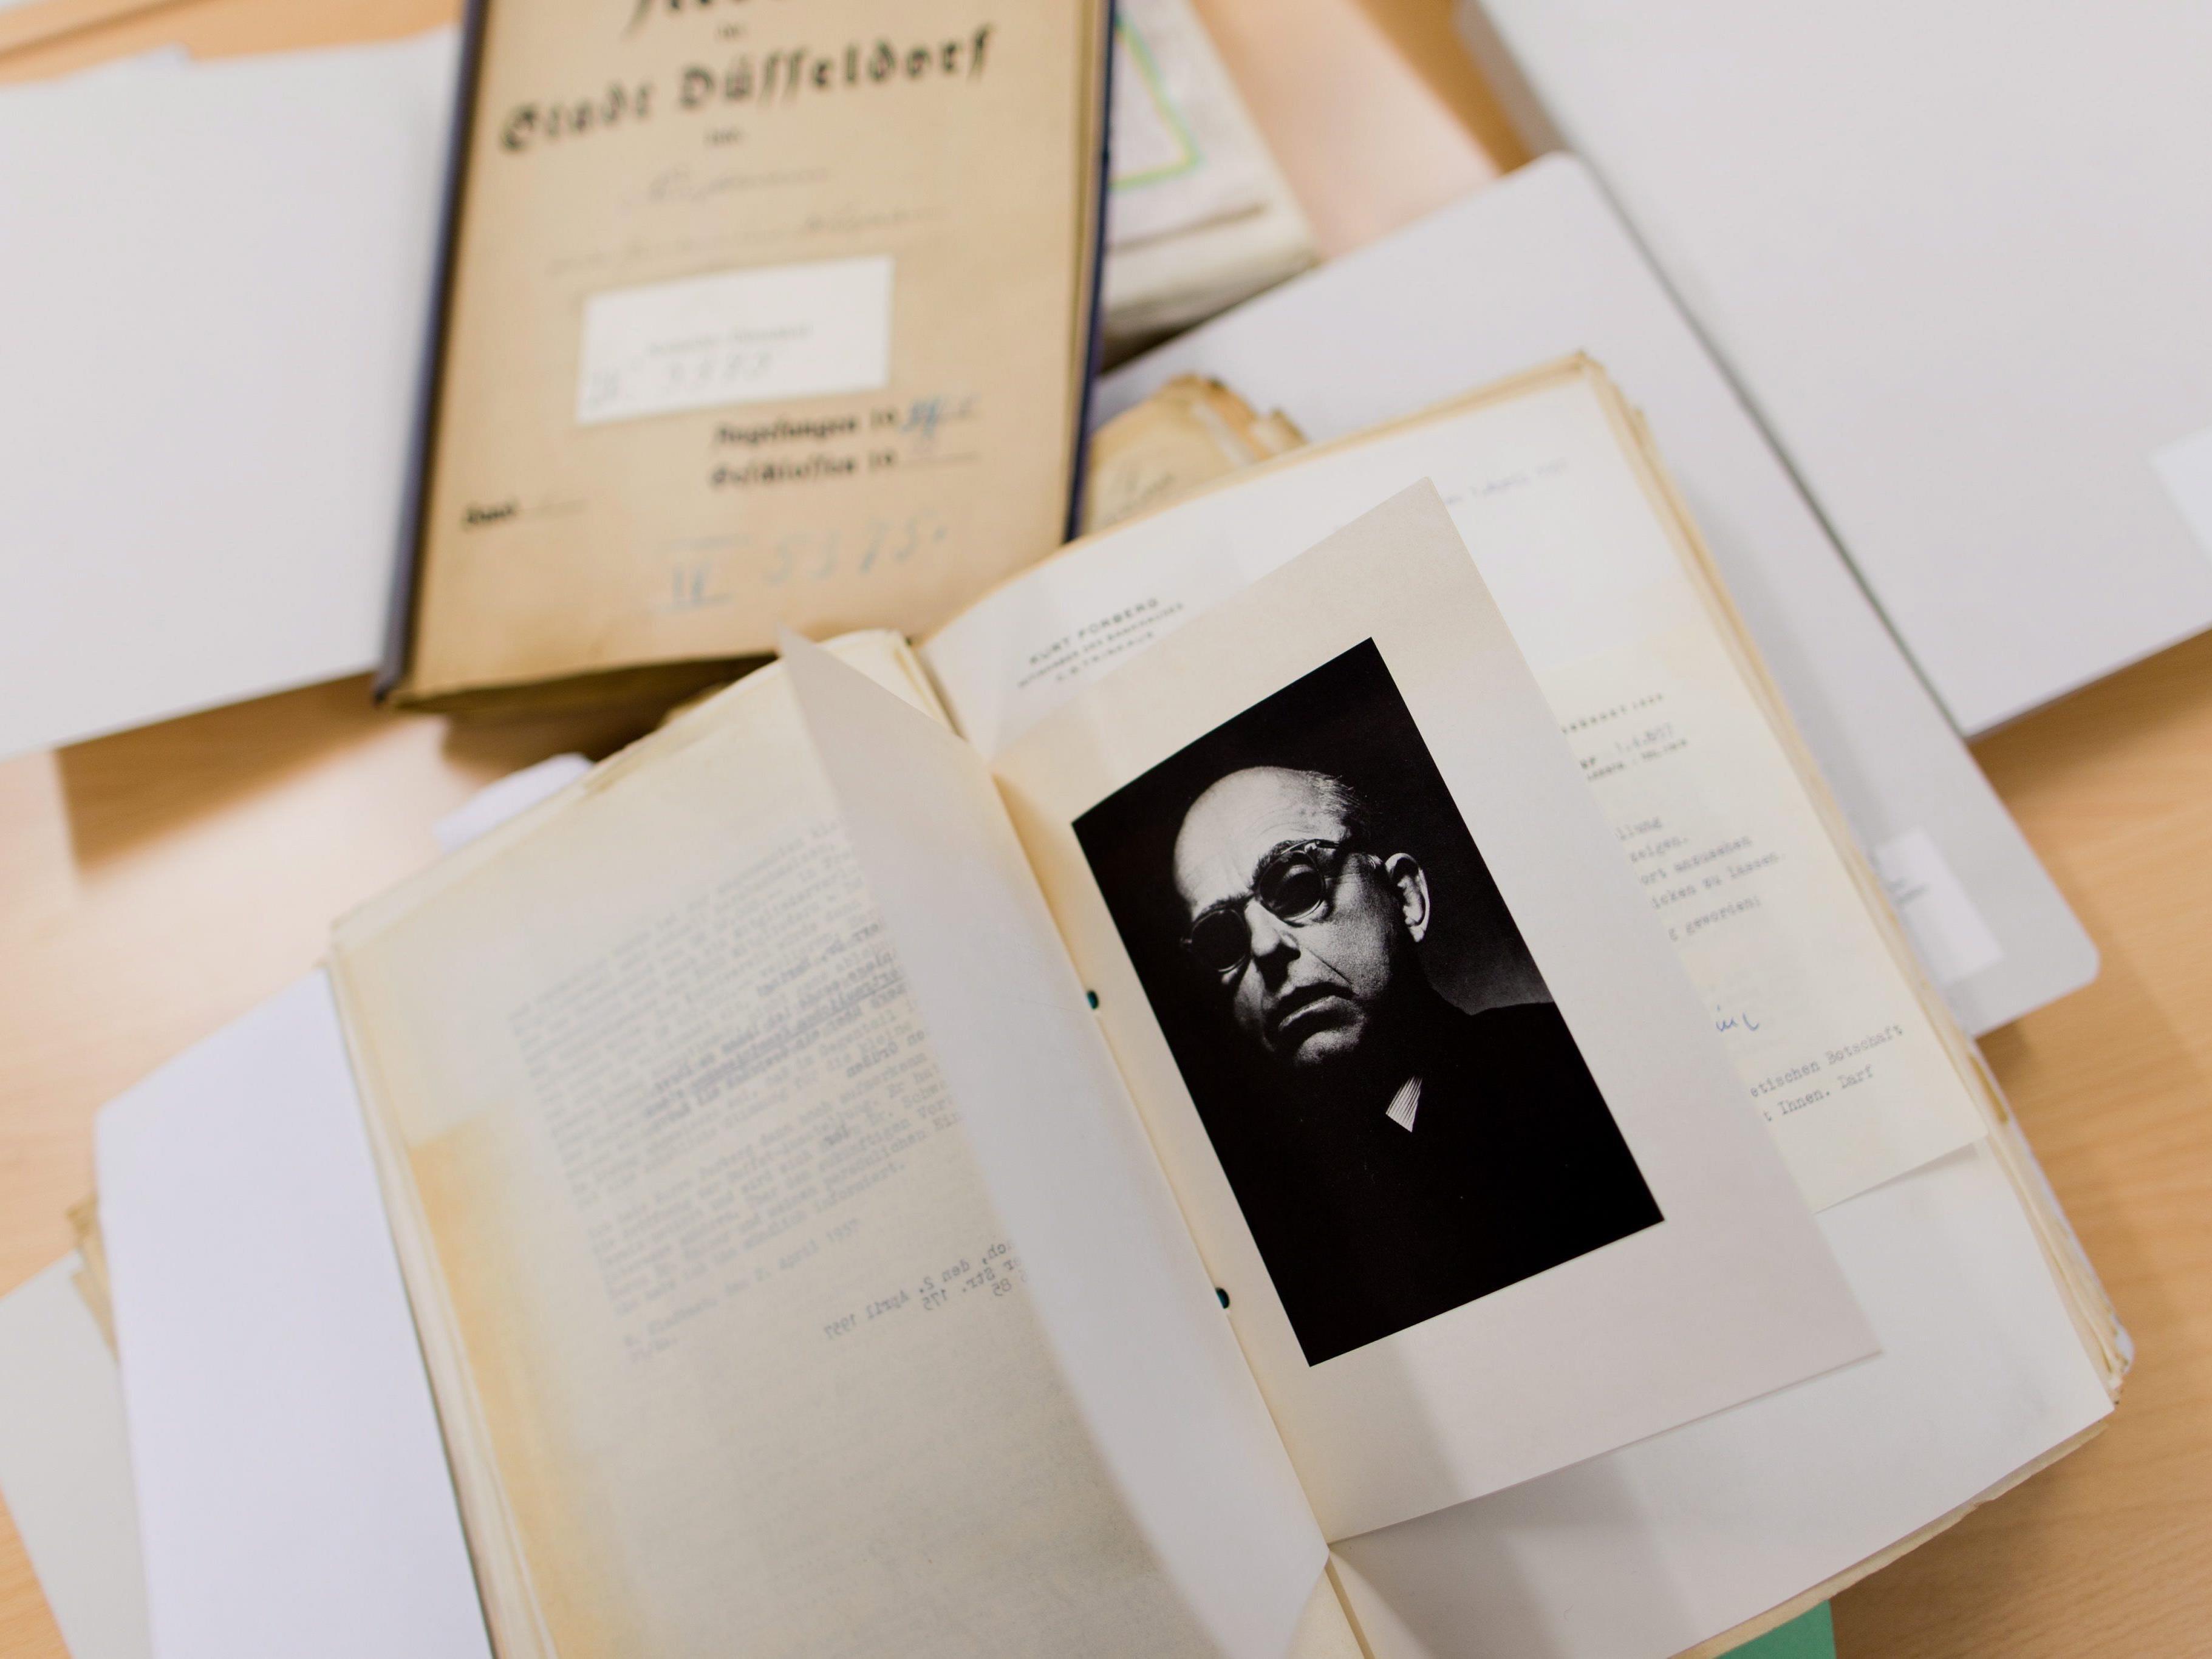 Das Düsseldorfer Stadtarchiv liefert Erkenntnisse über Hildebrand Gurlitt.